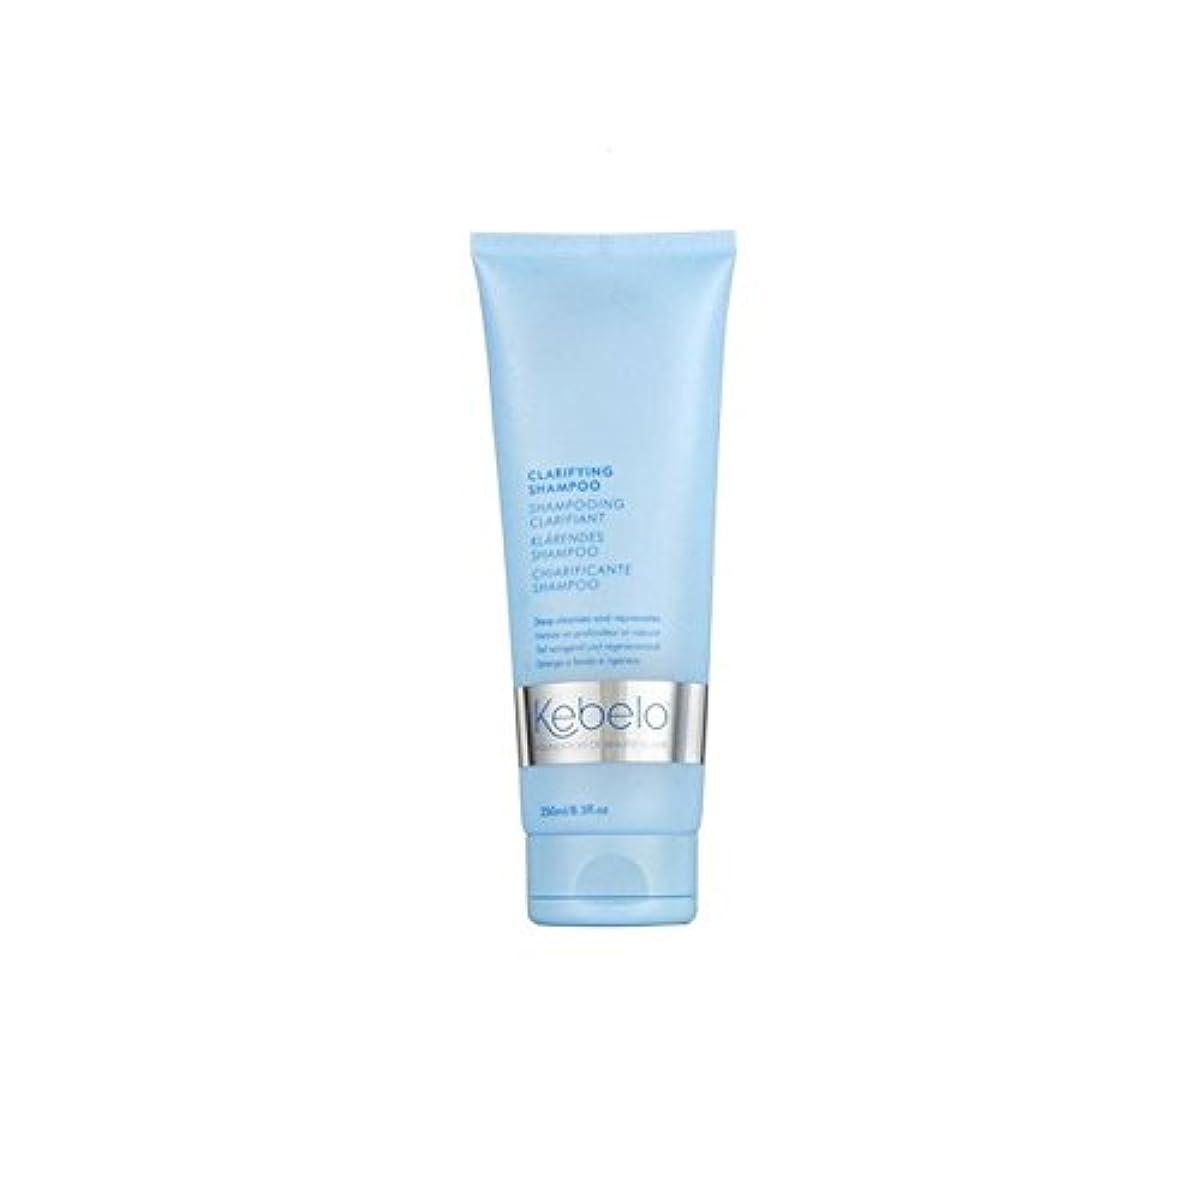 ペンフレンド義務づける単語Kebelo Clarifying Shampoo (250ml) (Pack of 6) - 明確化シャンプー(250ミリリットル) x6 [並行輸入品]